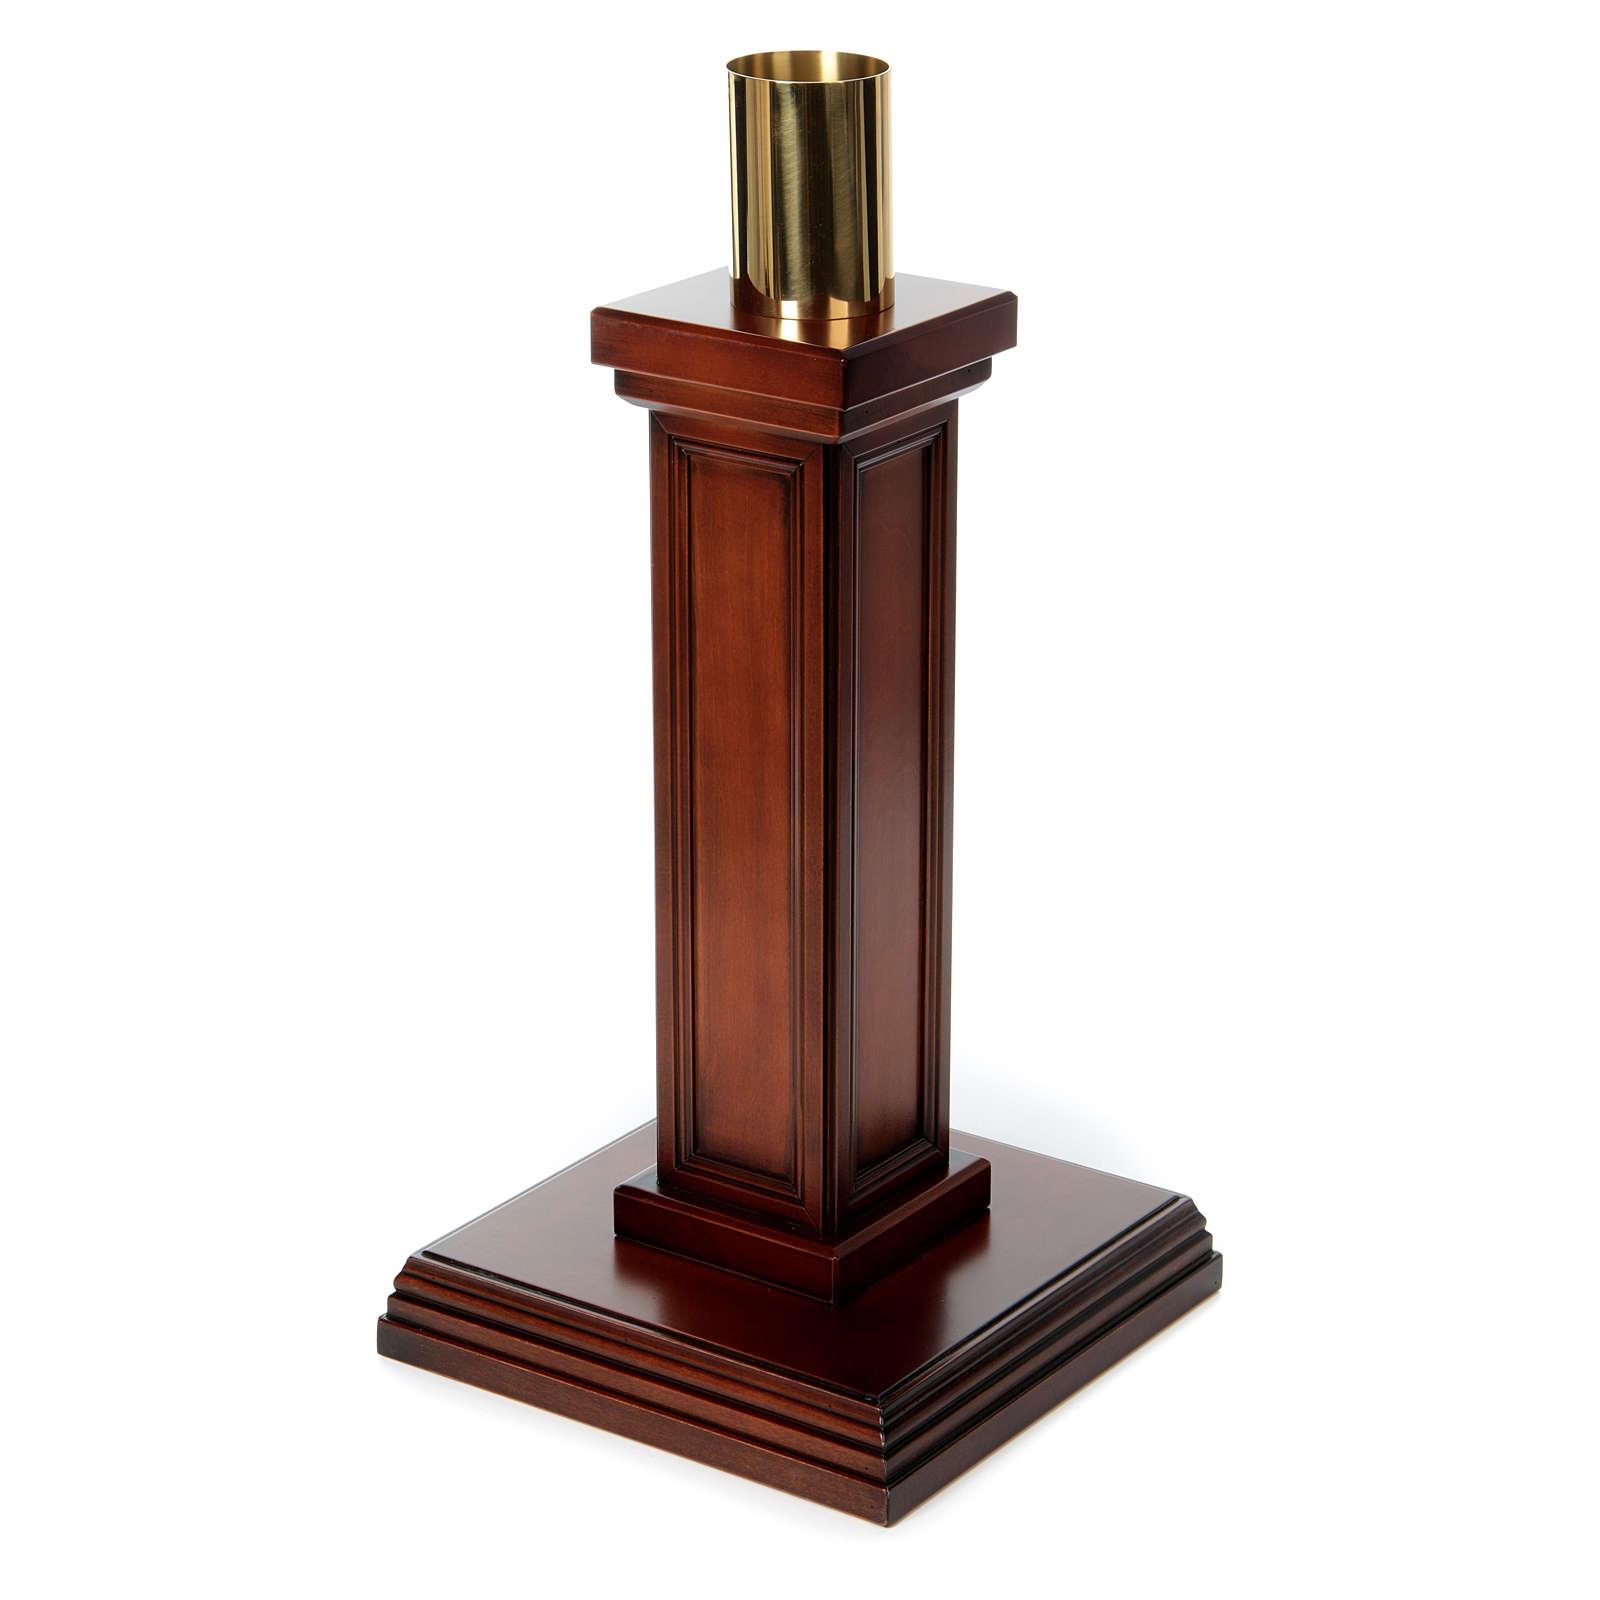 Portacero realizzato in legno di noce 4